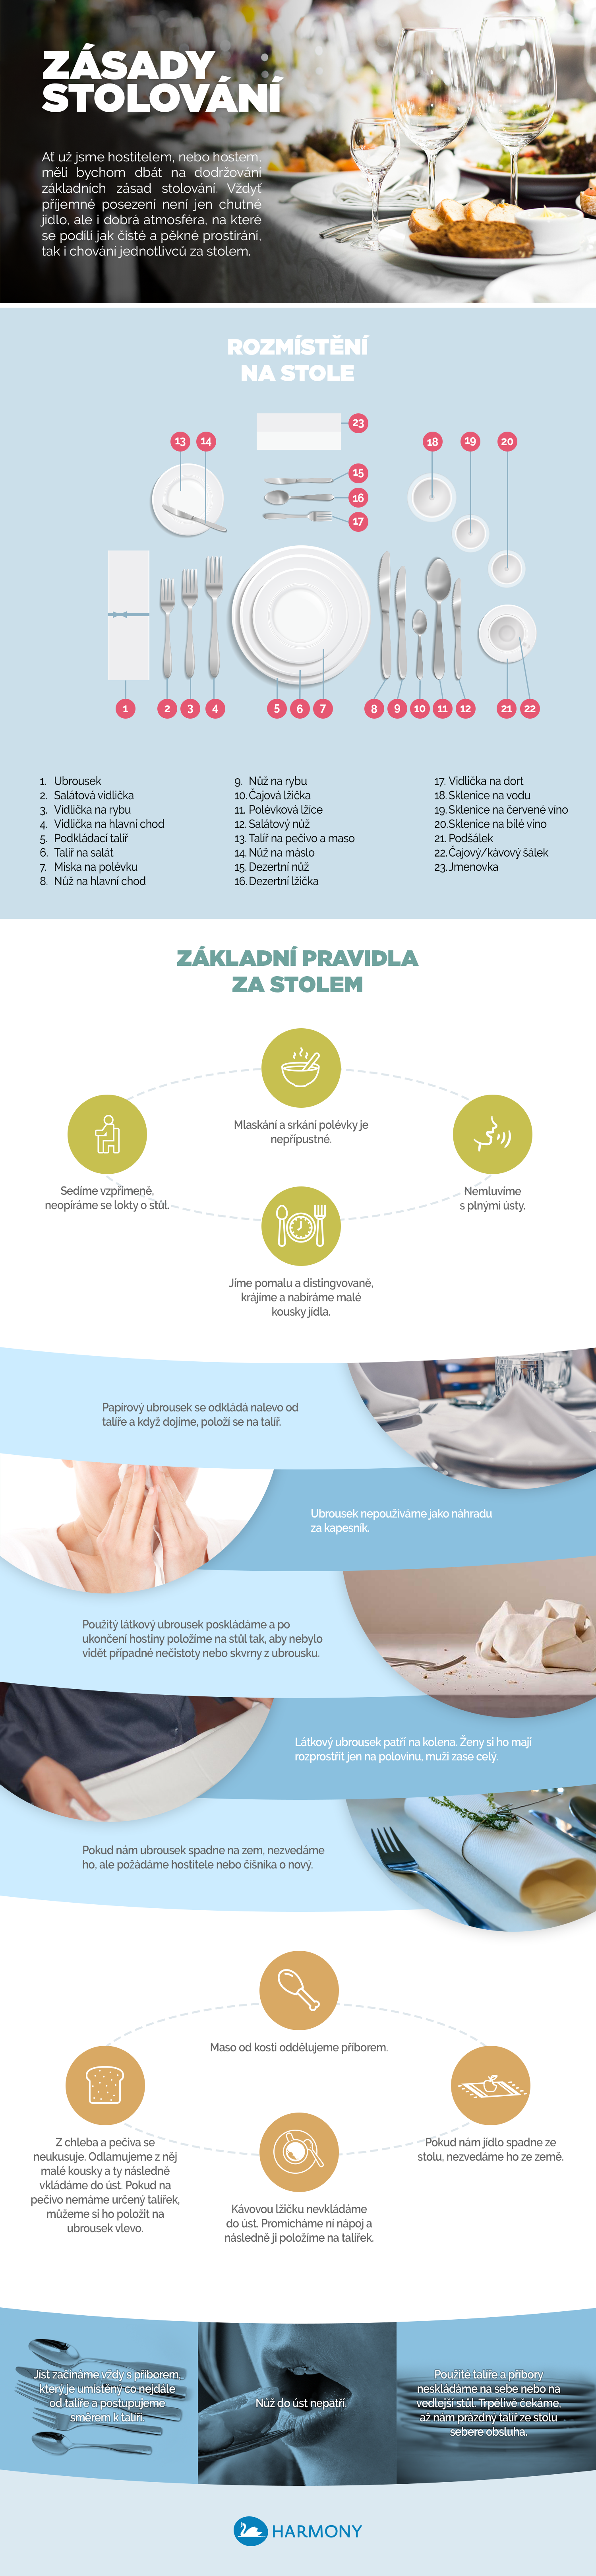 Infografika: Zásady stolování